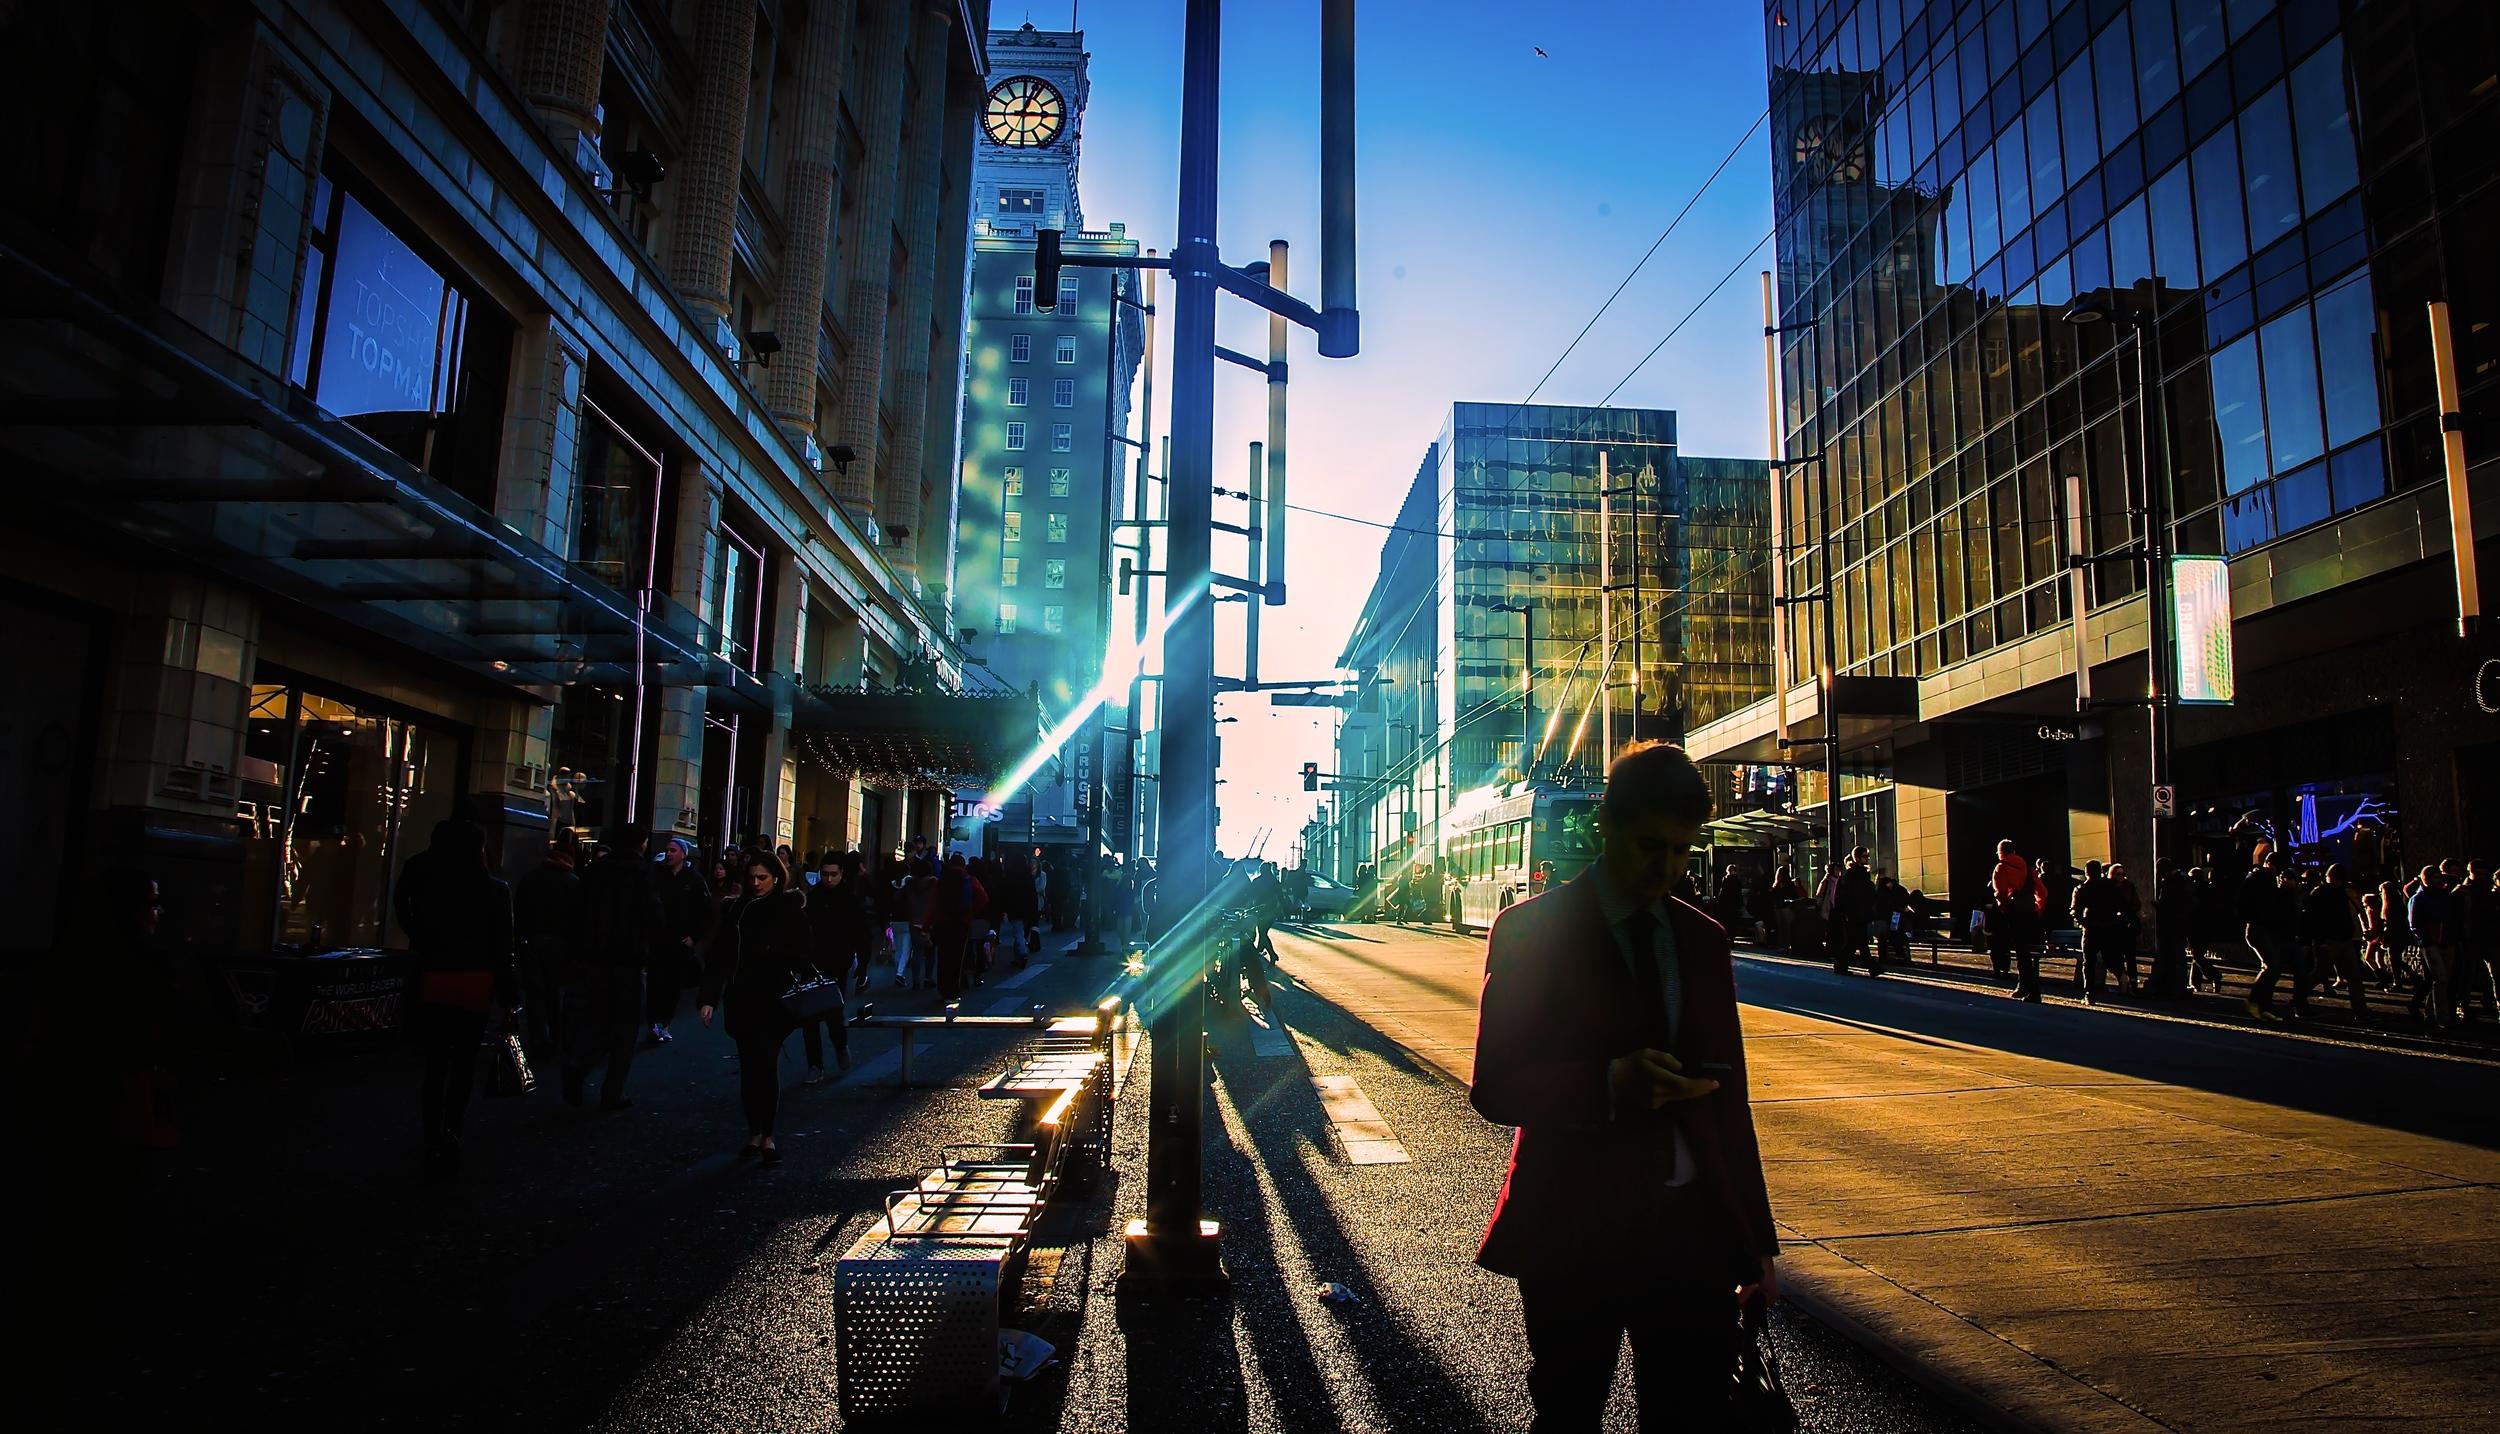 3:00PM IN GRANVILLE STREET